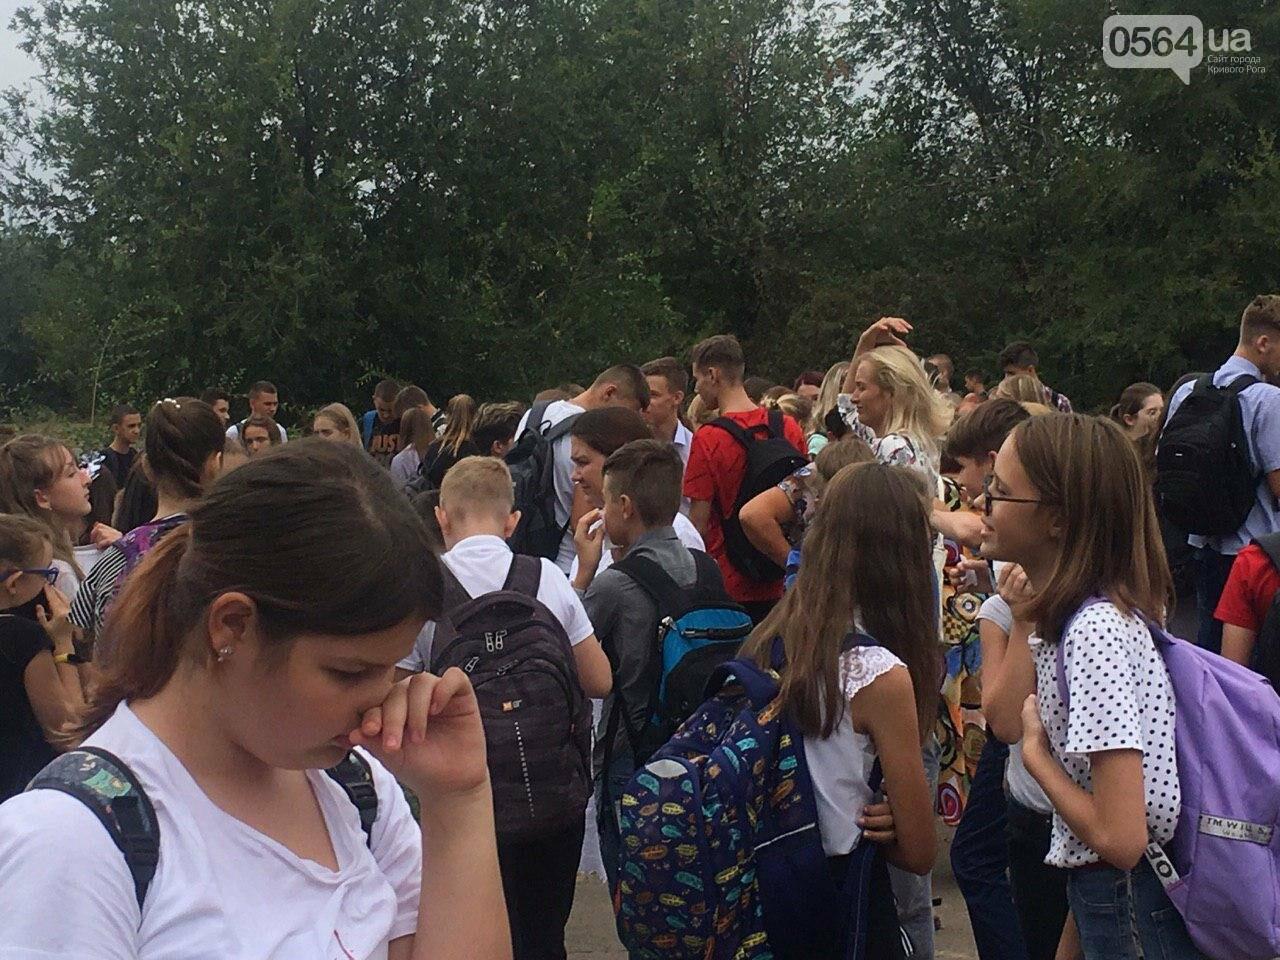 В одной из школ Кривого Рога из-за распыления неизвестного вещества срочно эвакуировали детей, - ФОТО, фото-3